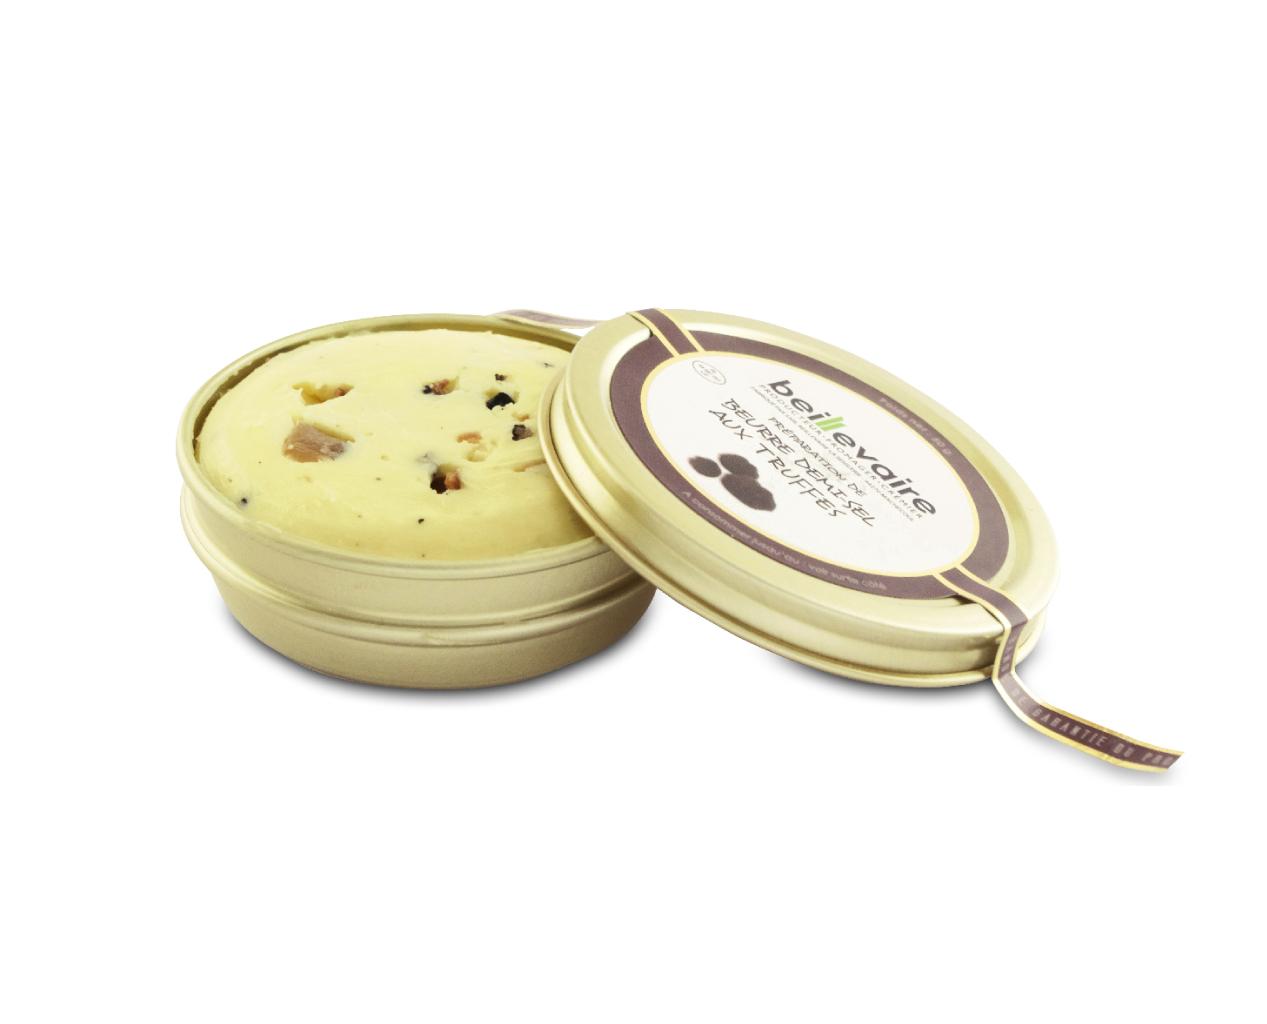 Beurre artisanal aux truffes, Beillevaire (50 g)